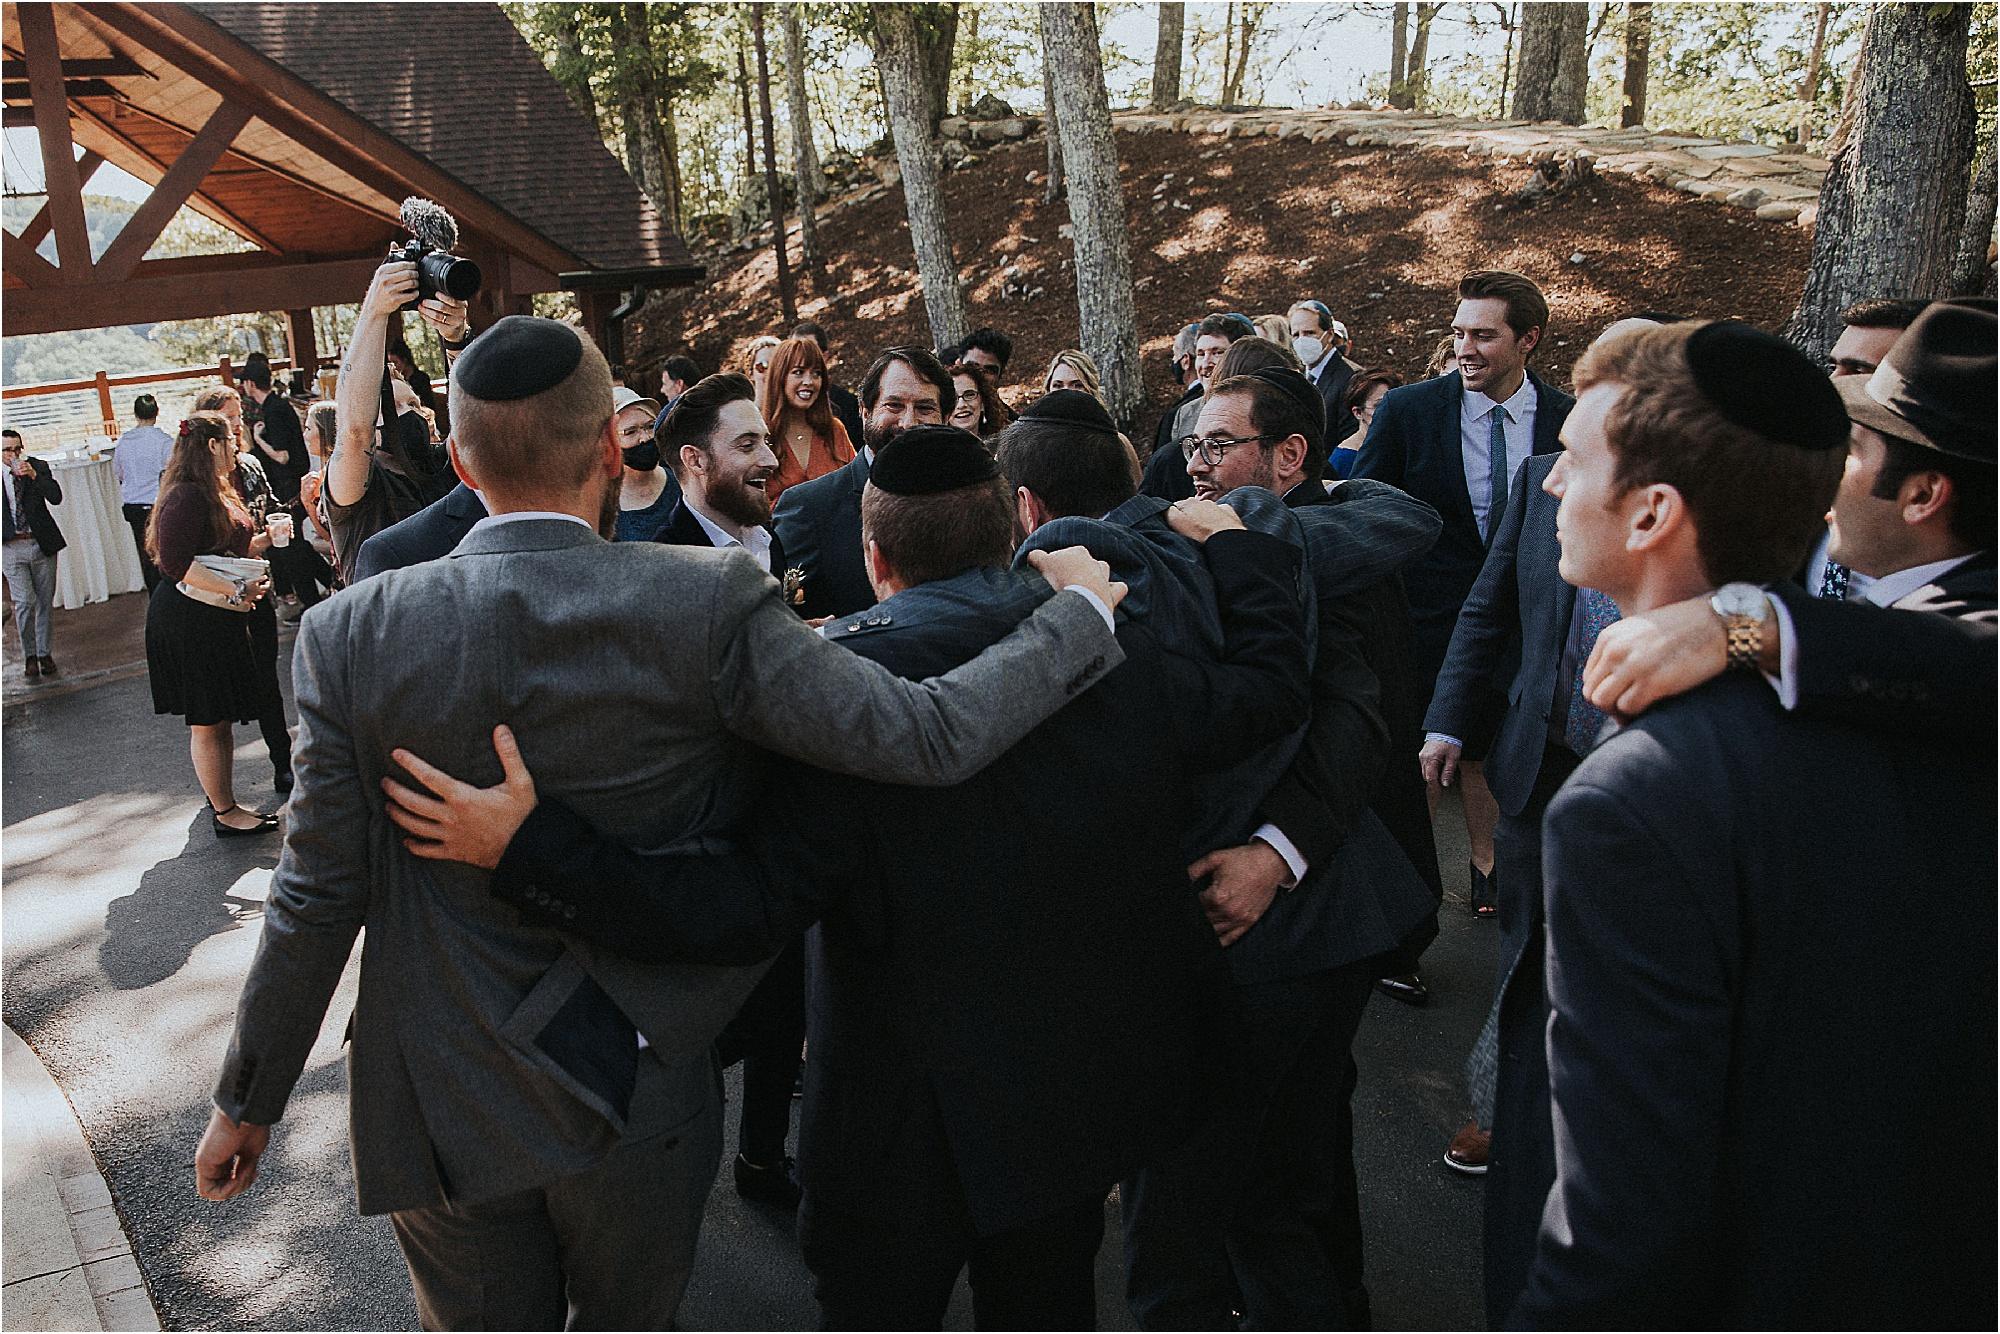 The B'deken with Jewish Men